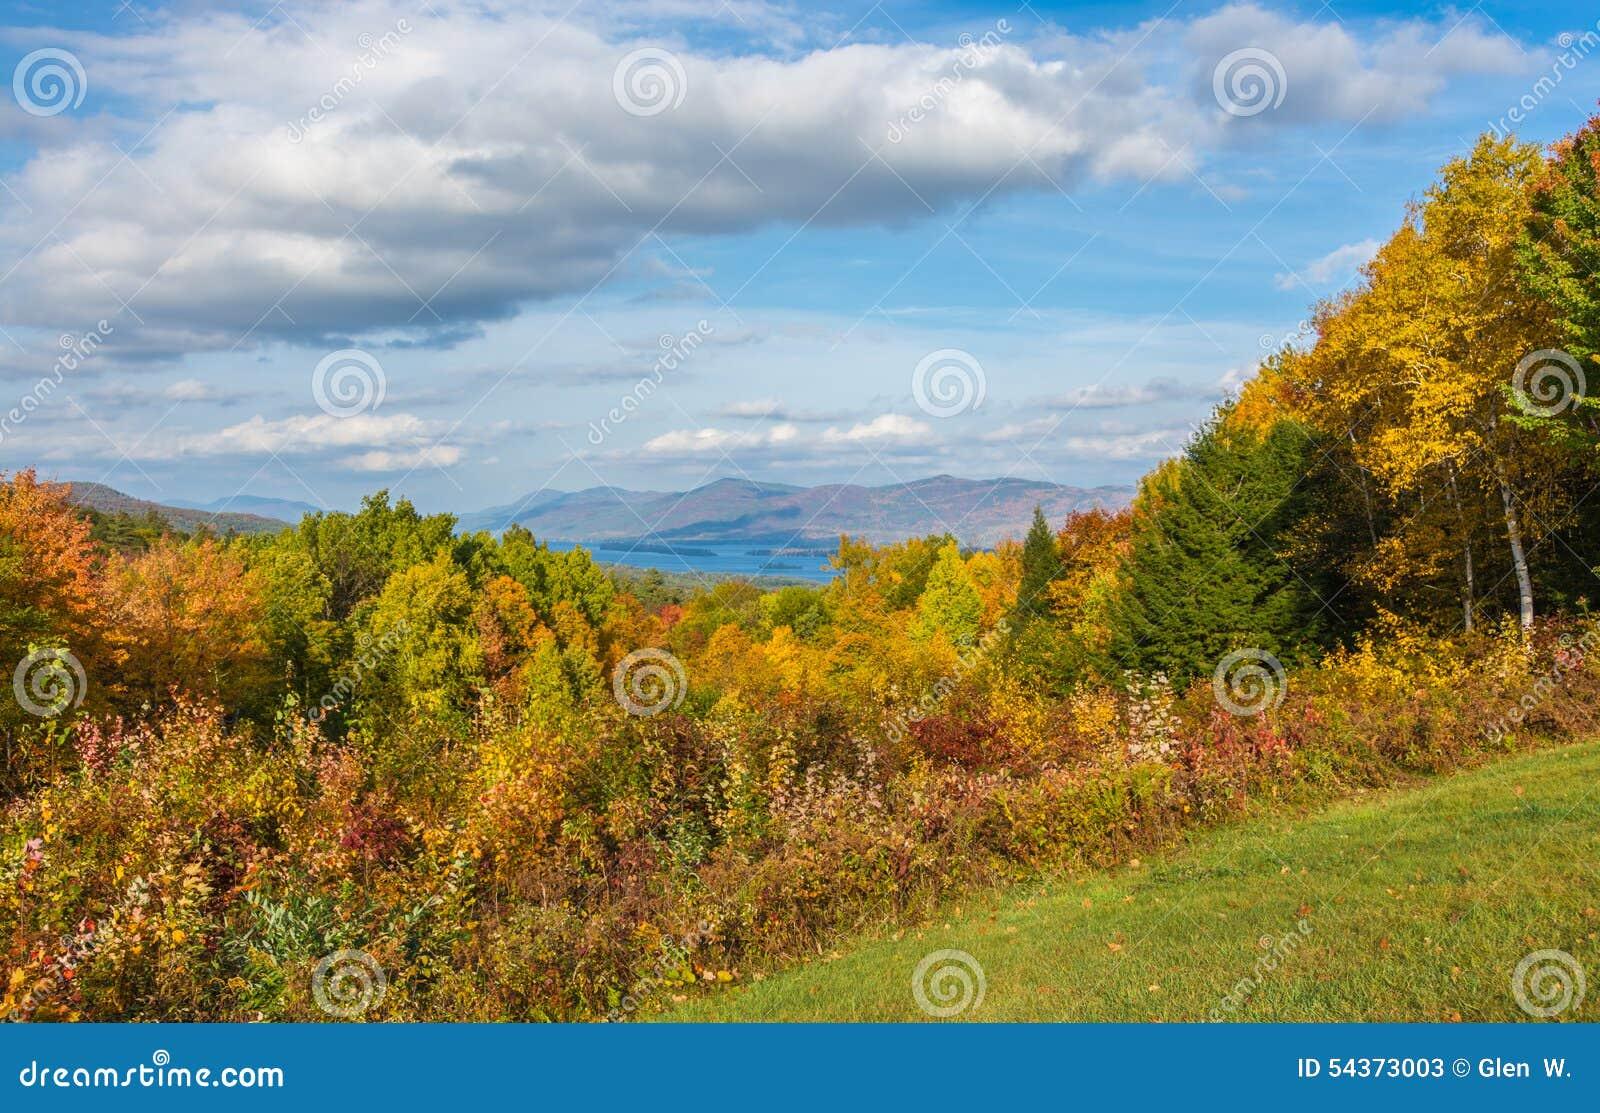 Озеро Джордж устроенное удобно в горах и листопаде